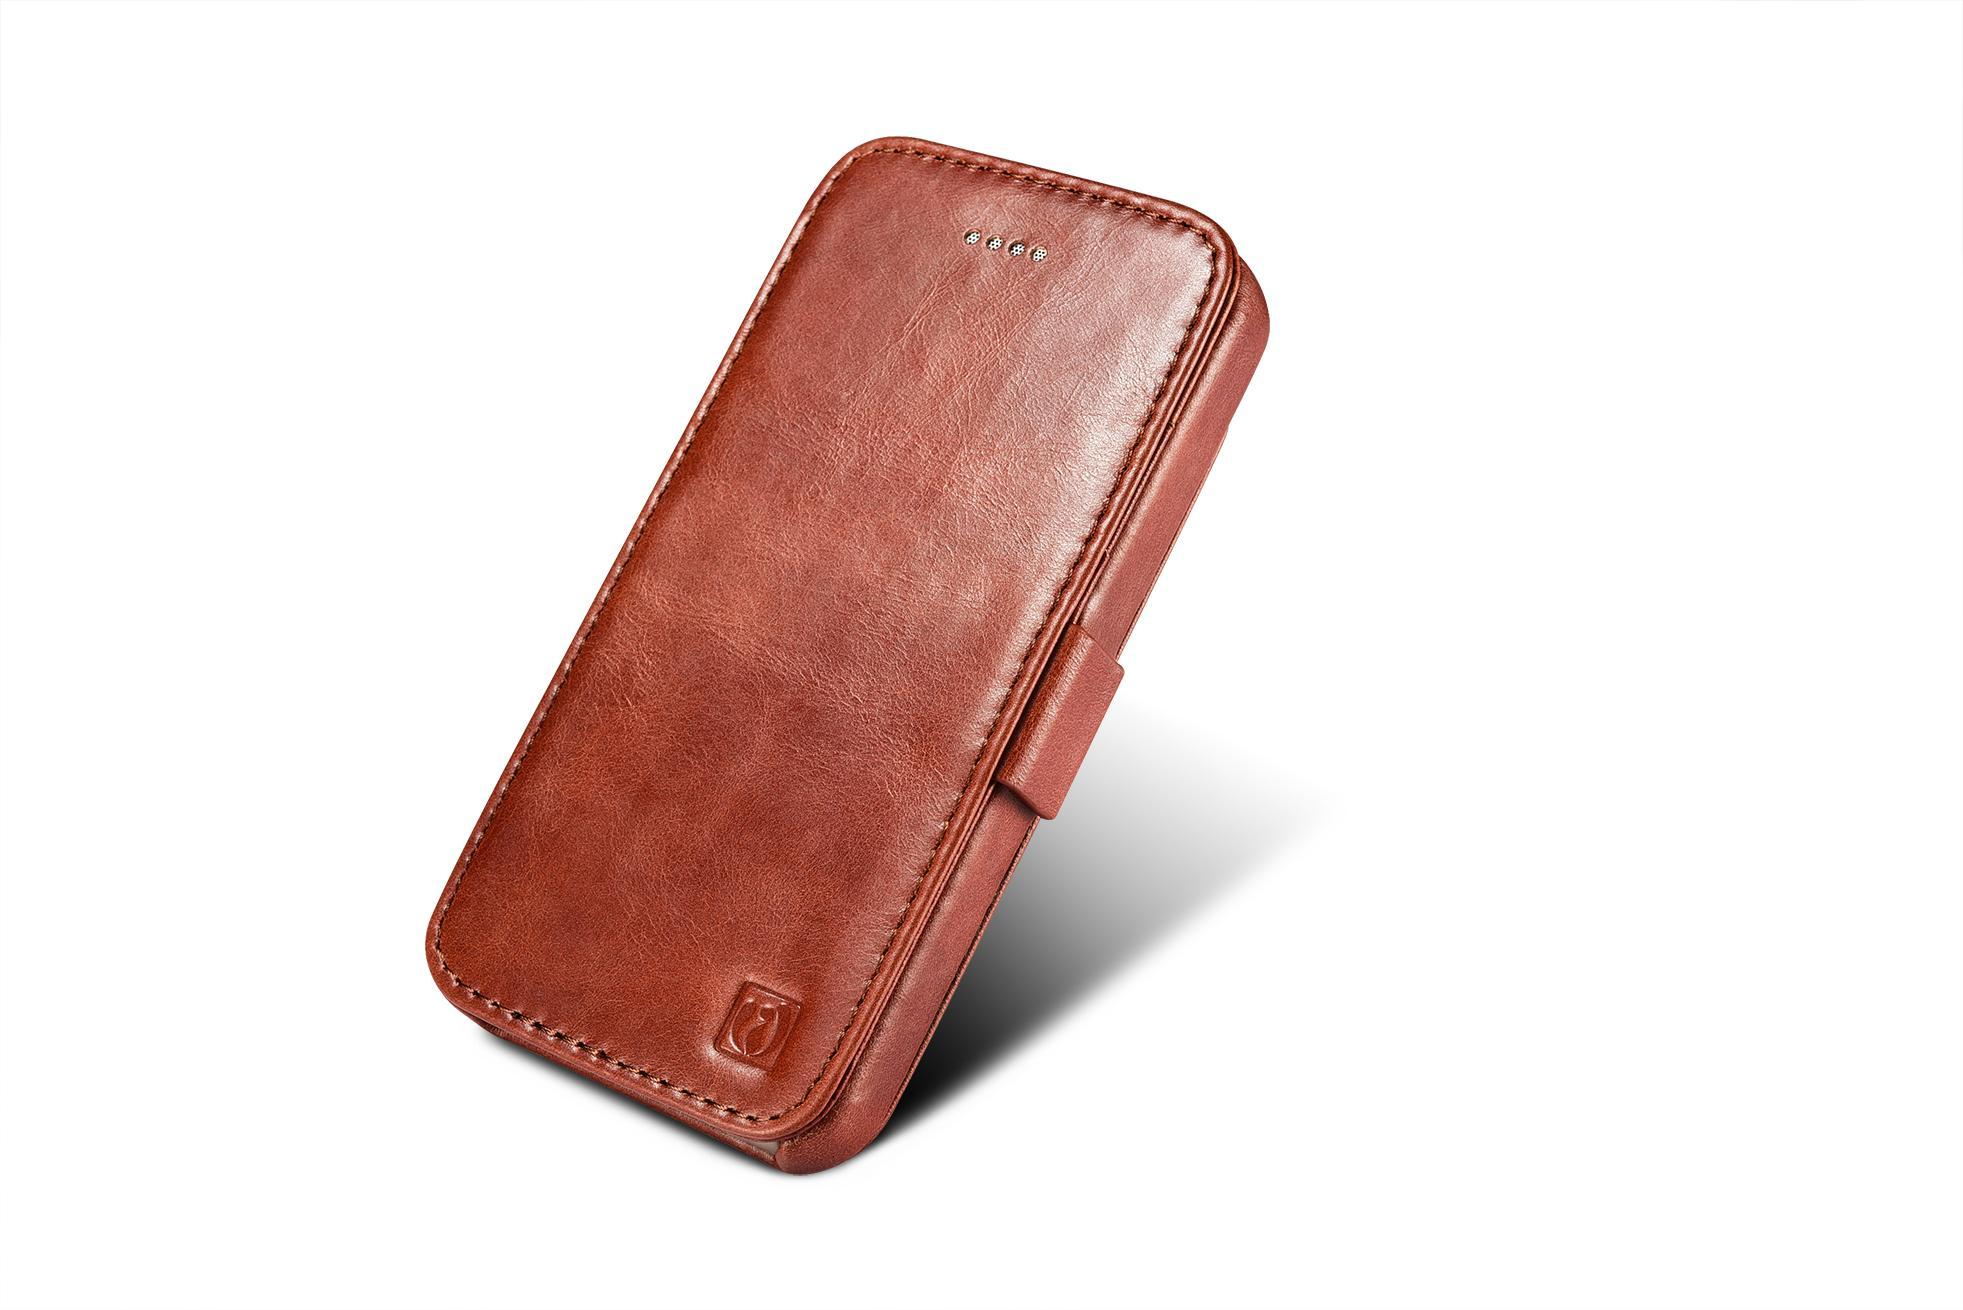 2017 iCarer iPhone SE/5S/5 Vintage Wallet Case with Two Credit Cards Slot Design 5